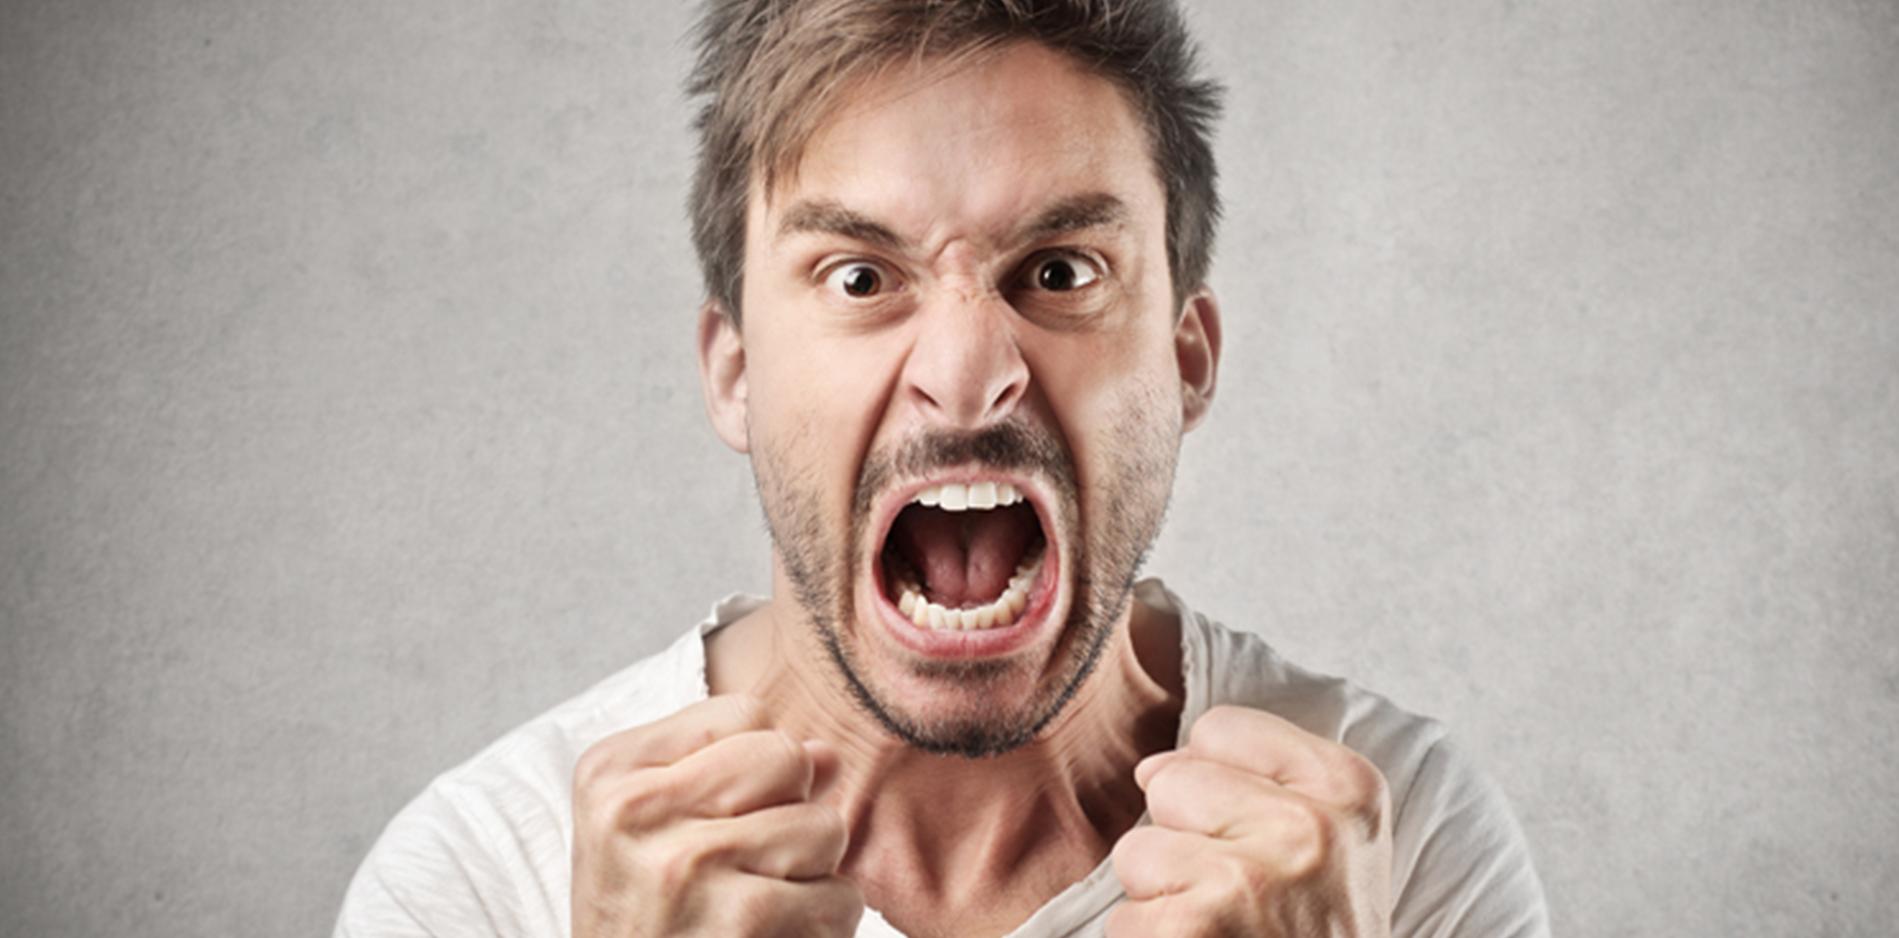 怒って今にも飛びかかってきそうな男性|副腎疲労blog